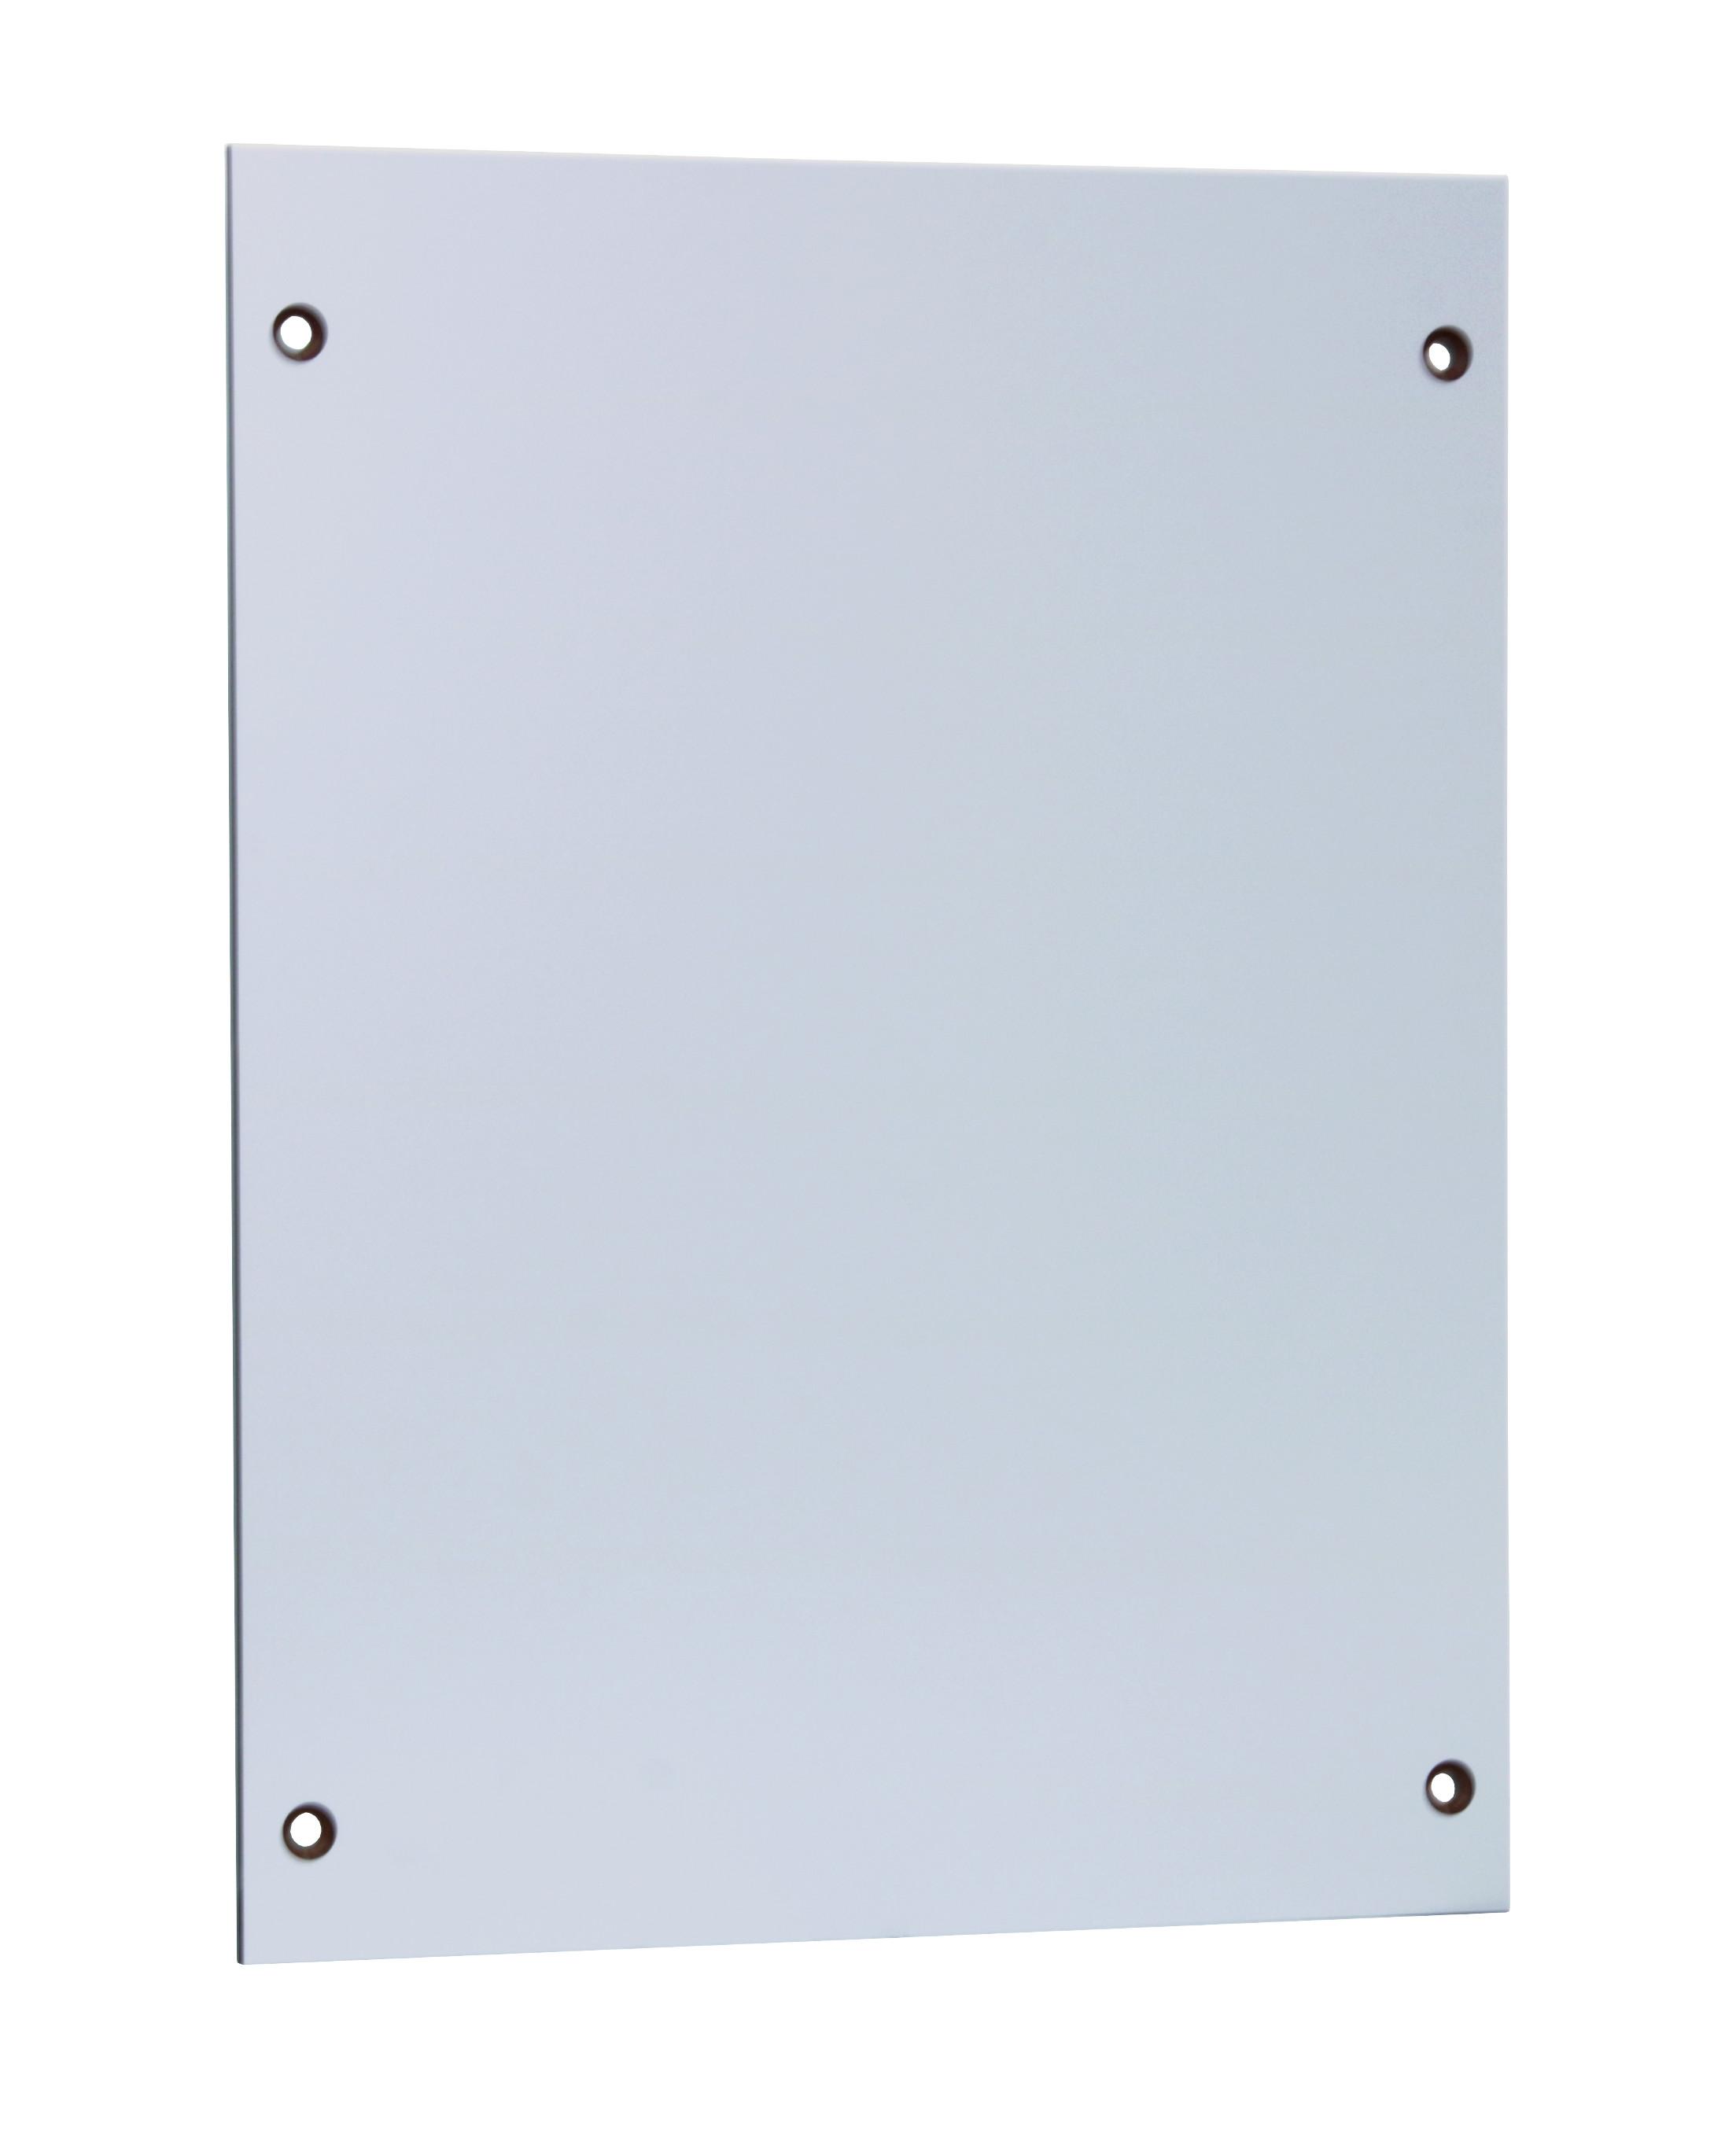 1 Stk Montageplatte für IG009203, 695x900x6mm, Hartpapier IG009223--